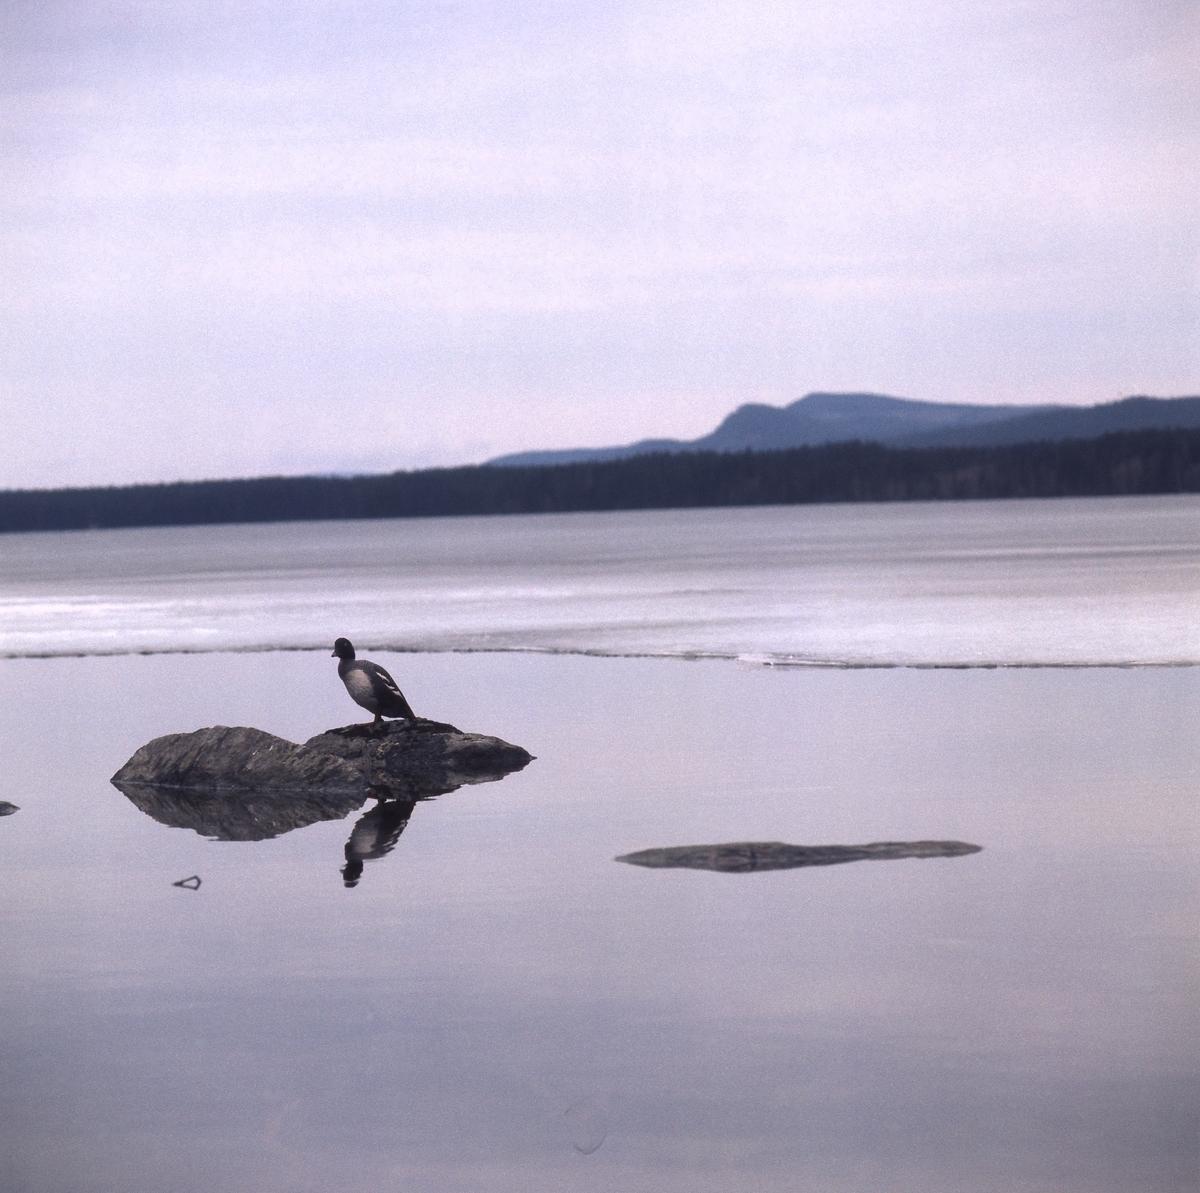 En knipa sitter på en sten i vattnet i närheten av en iskant. I bakgrunden syns berg och skog.